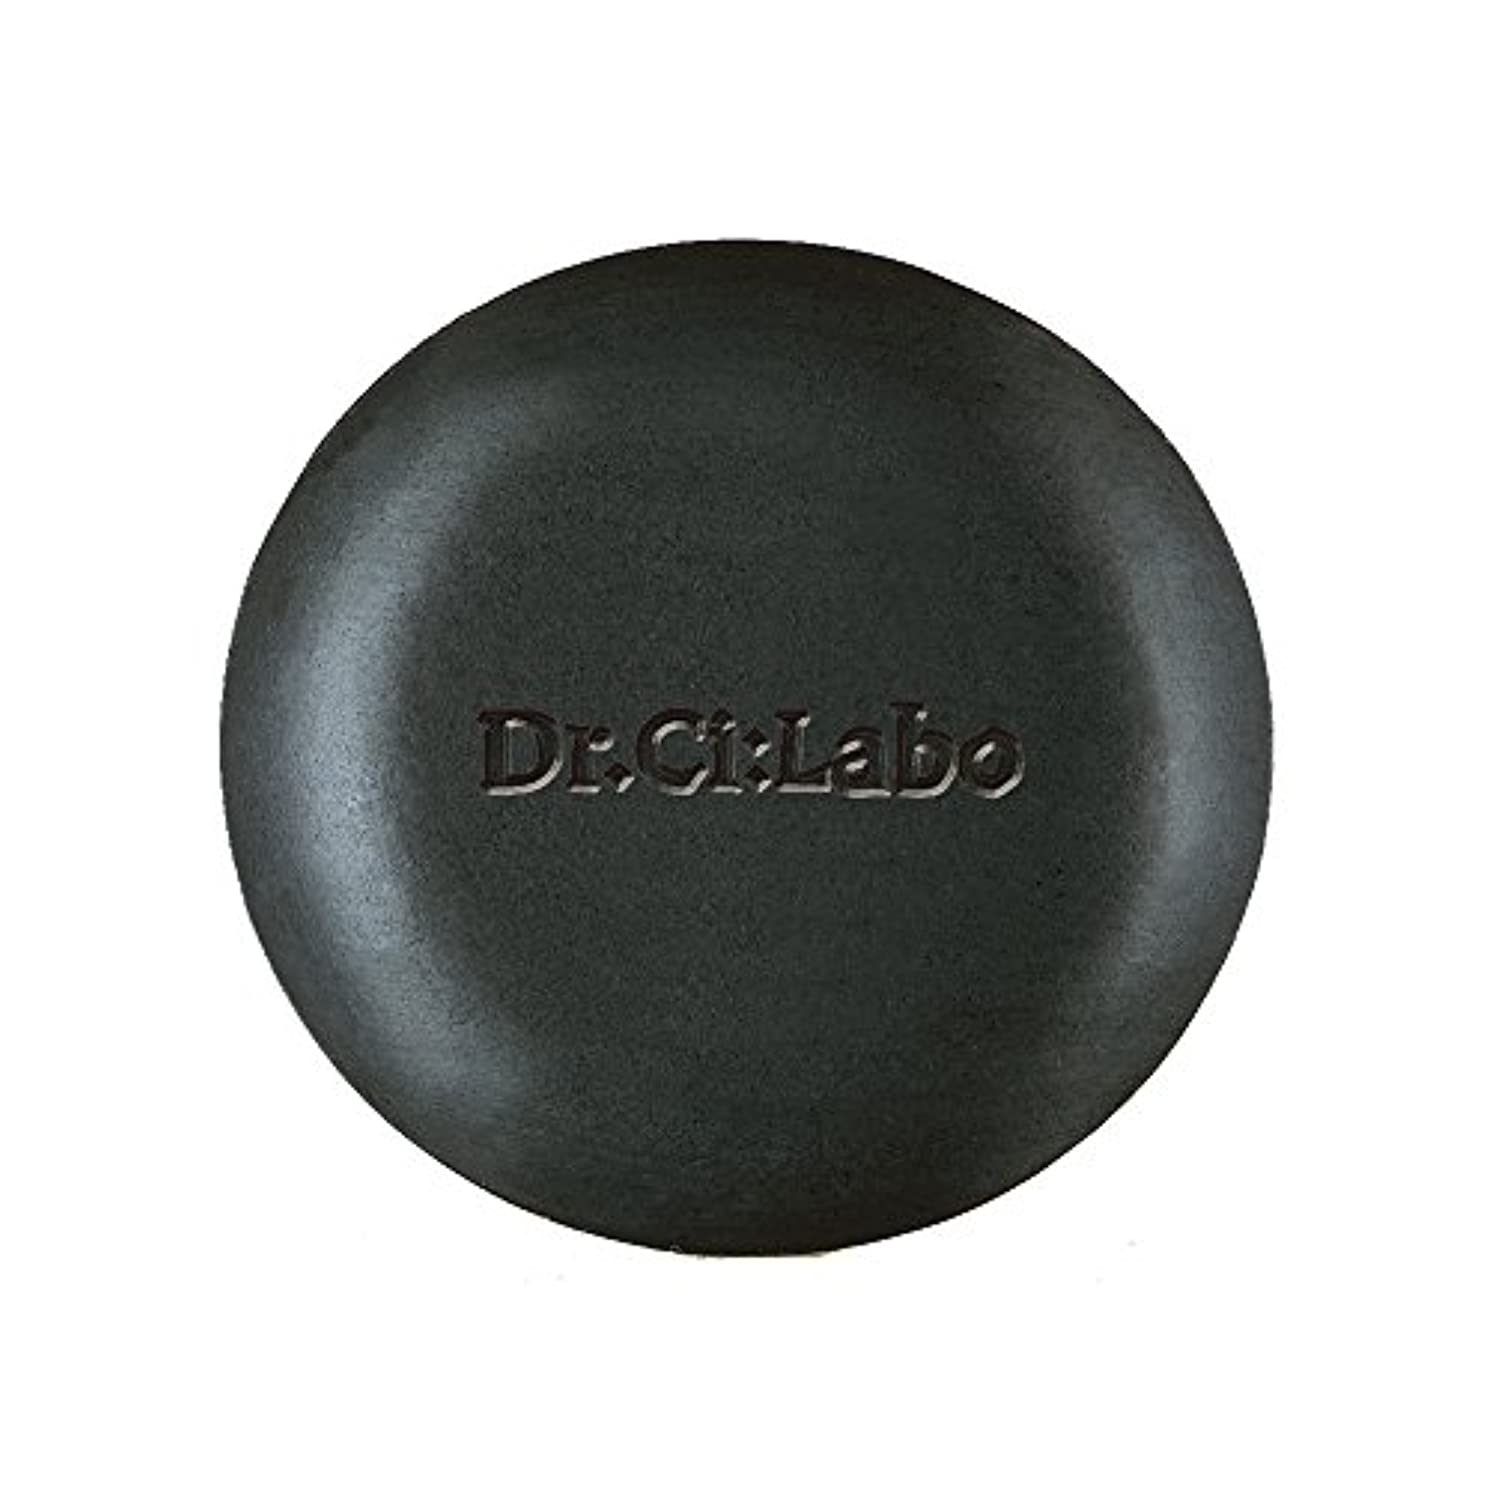 集中ピック常習的ドクターシーラボ 薬用アクネレスソープ ニキビ予防用 100g 洗顔せっけん [医薬部外品]